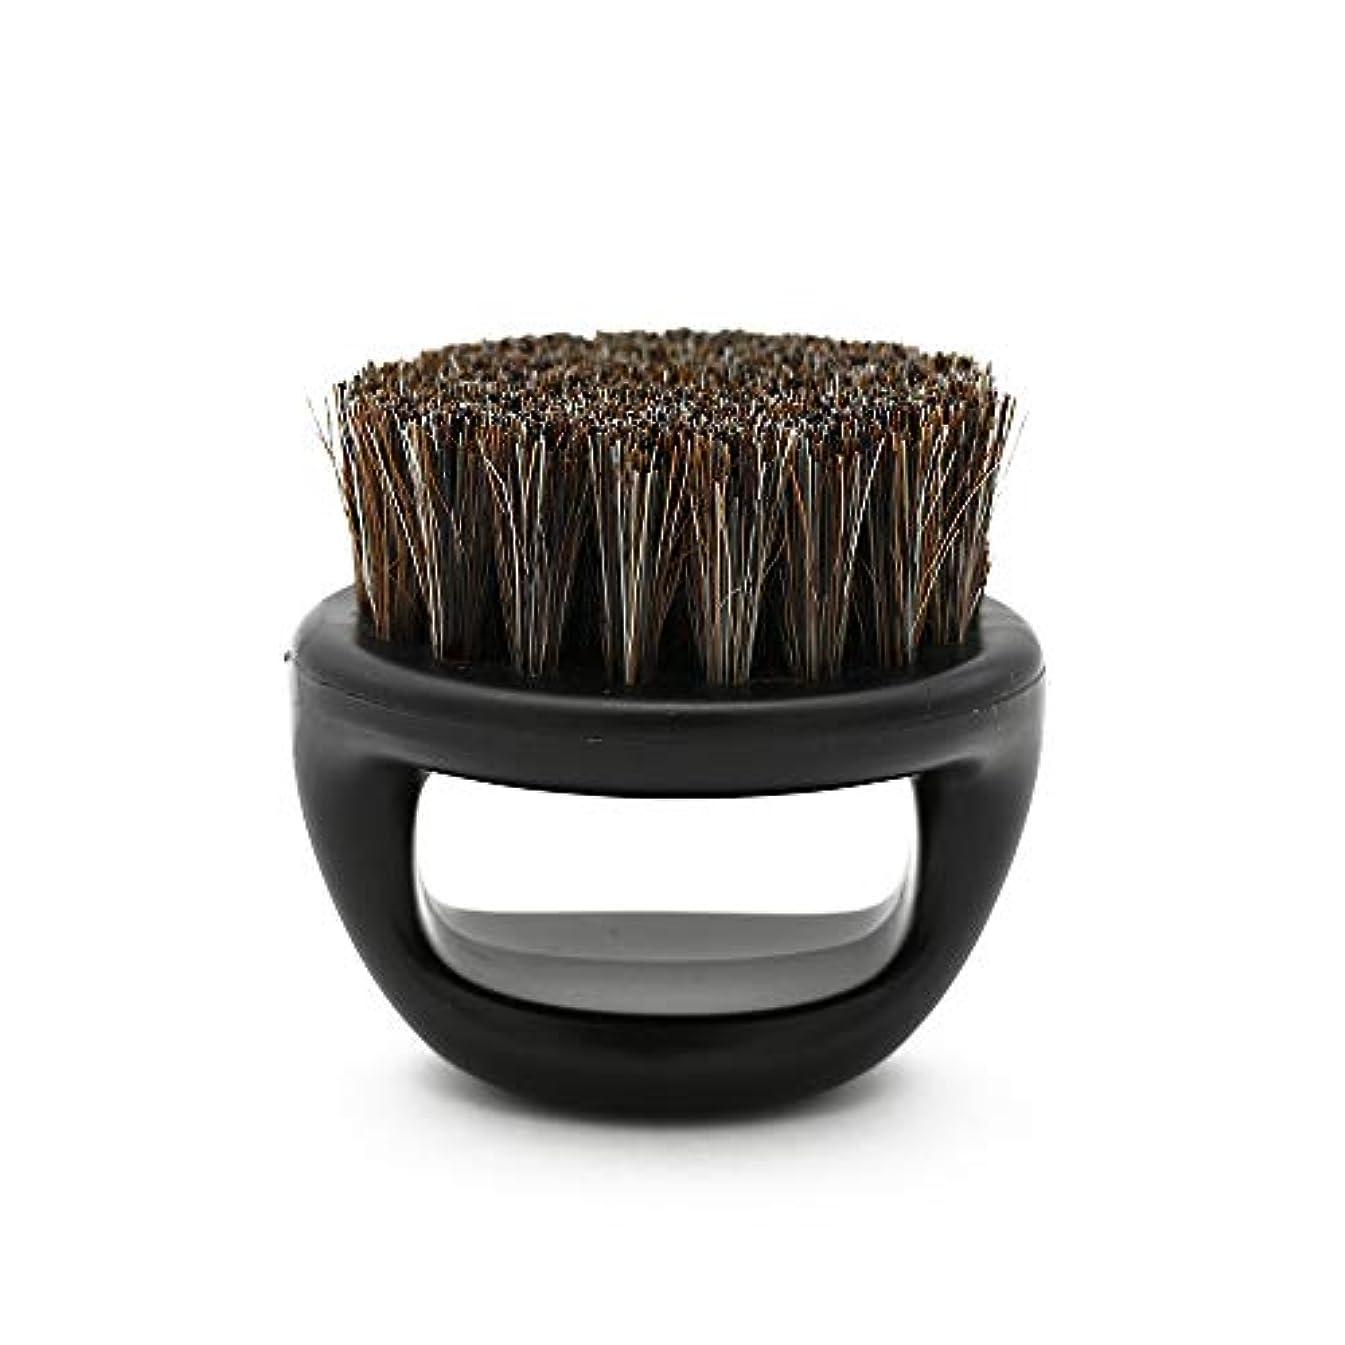 費やす帝国専門用語Naliovker 1個リングデザイン馬毛メンズシェービングブラシプラスチック製の可搬式理容ひげブラシサロンフェイスクリーニングかみそりブラシ(ブラック)